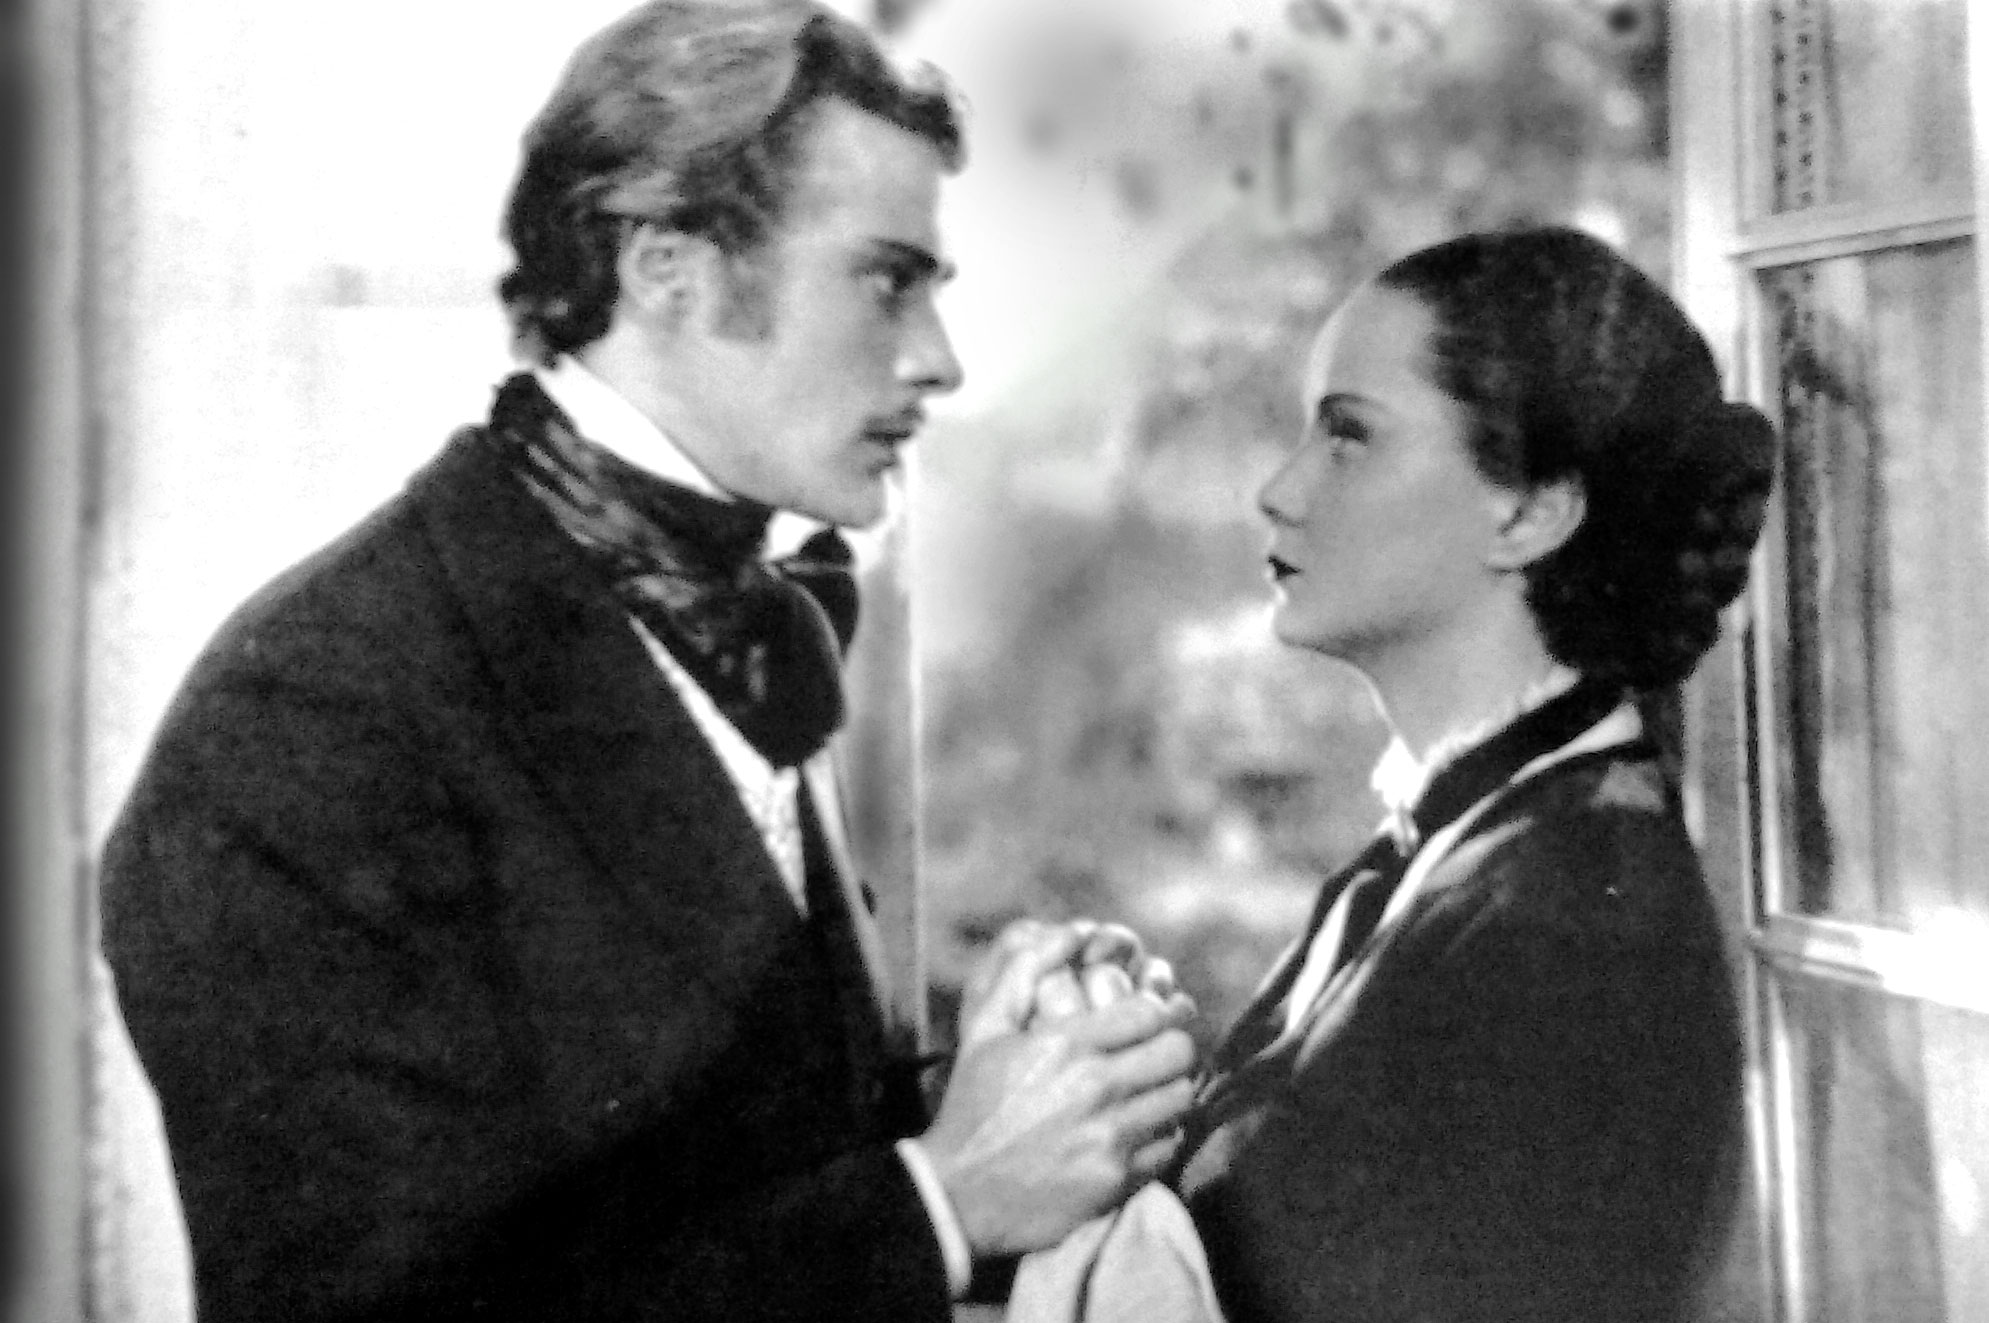 Massimo Serato e Alida Valli in Piccolo mondo antico di Mario Soldati (1941)